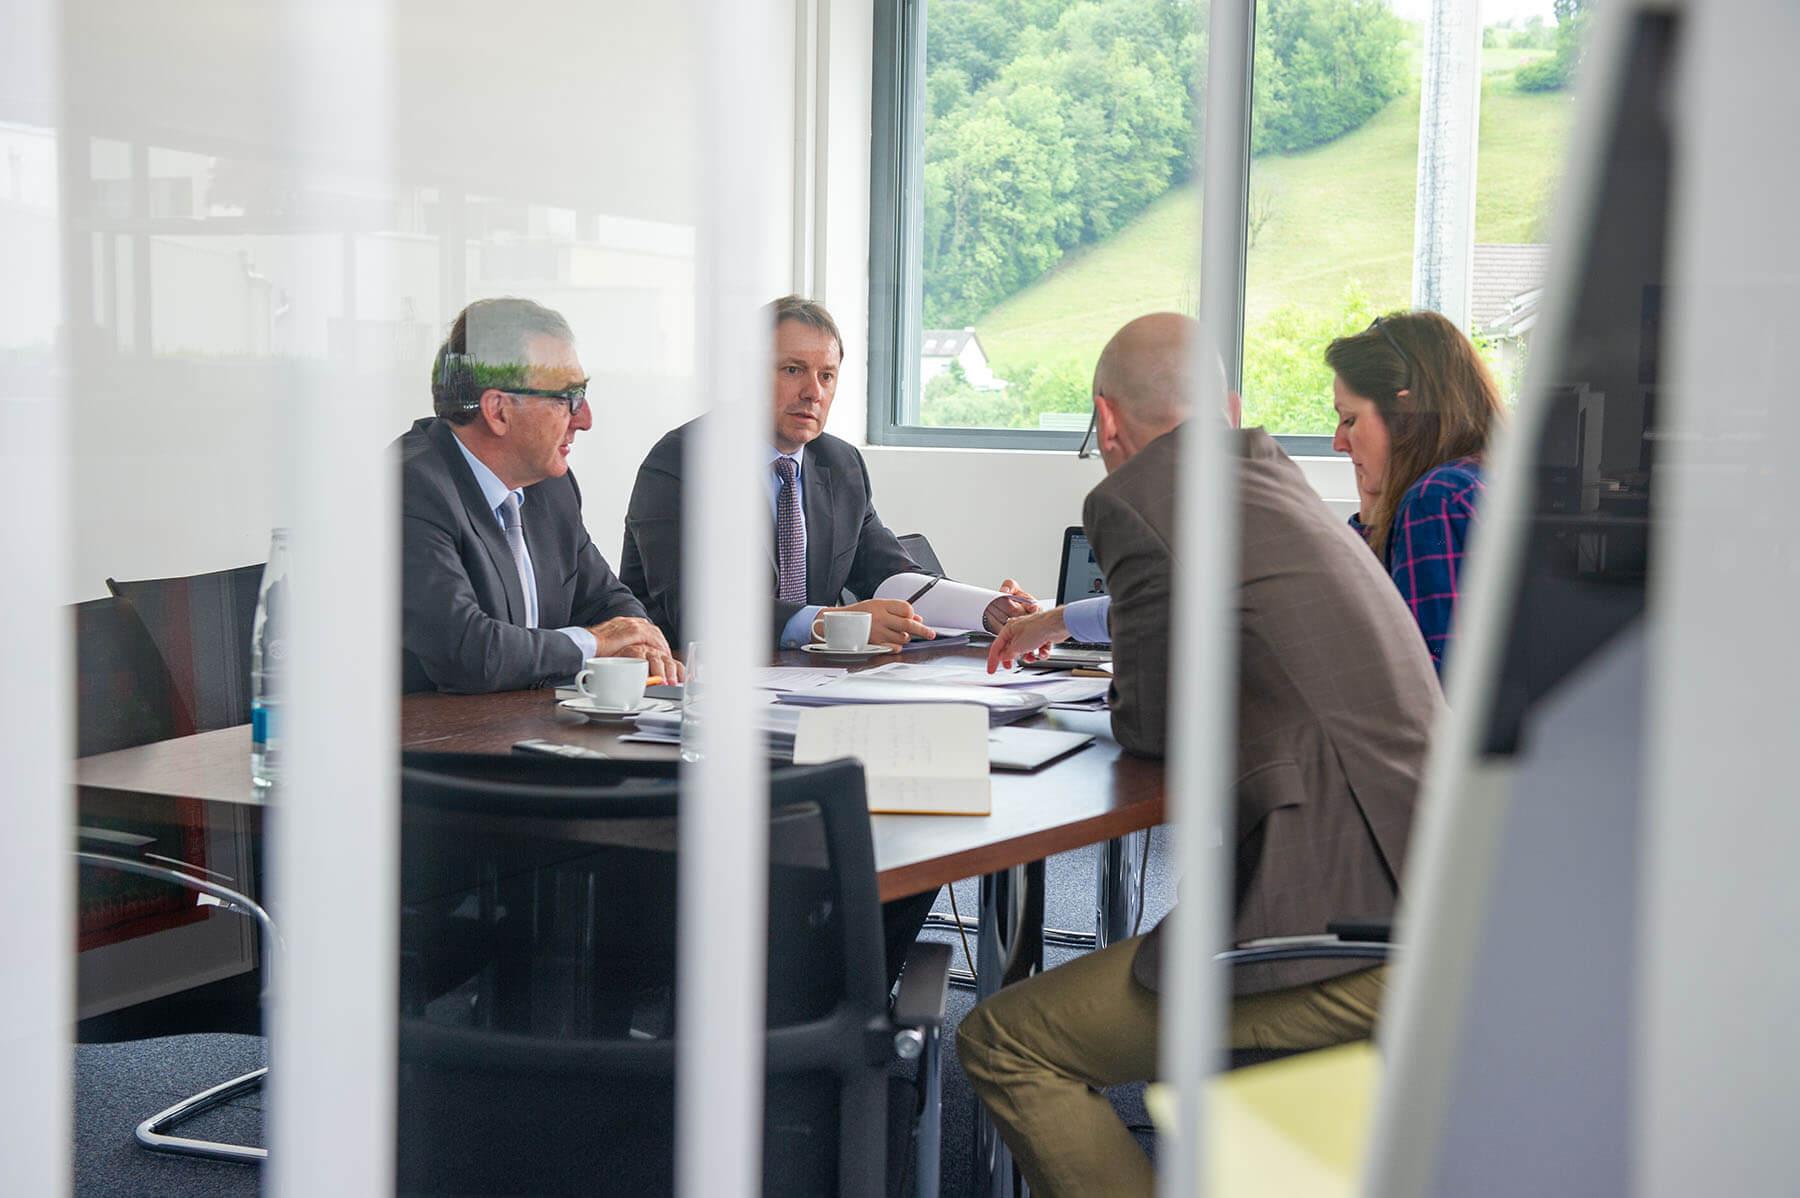 Wydler Asset Management Headerbild - Beratungsgespräch mit vier Personen